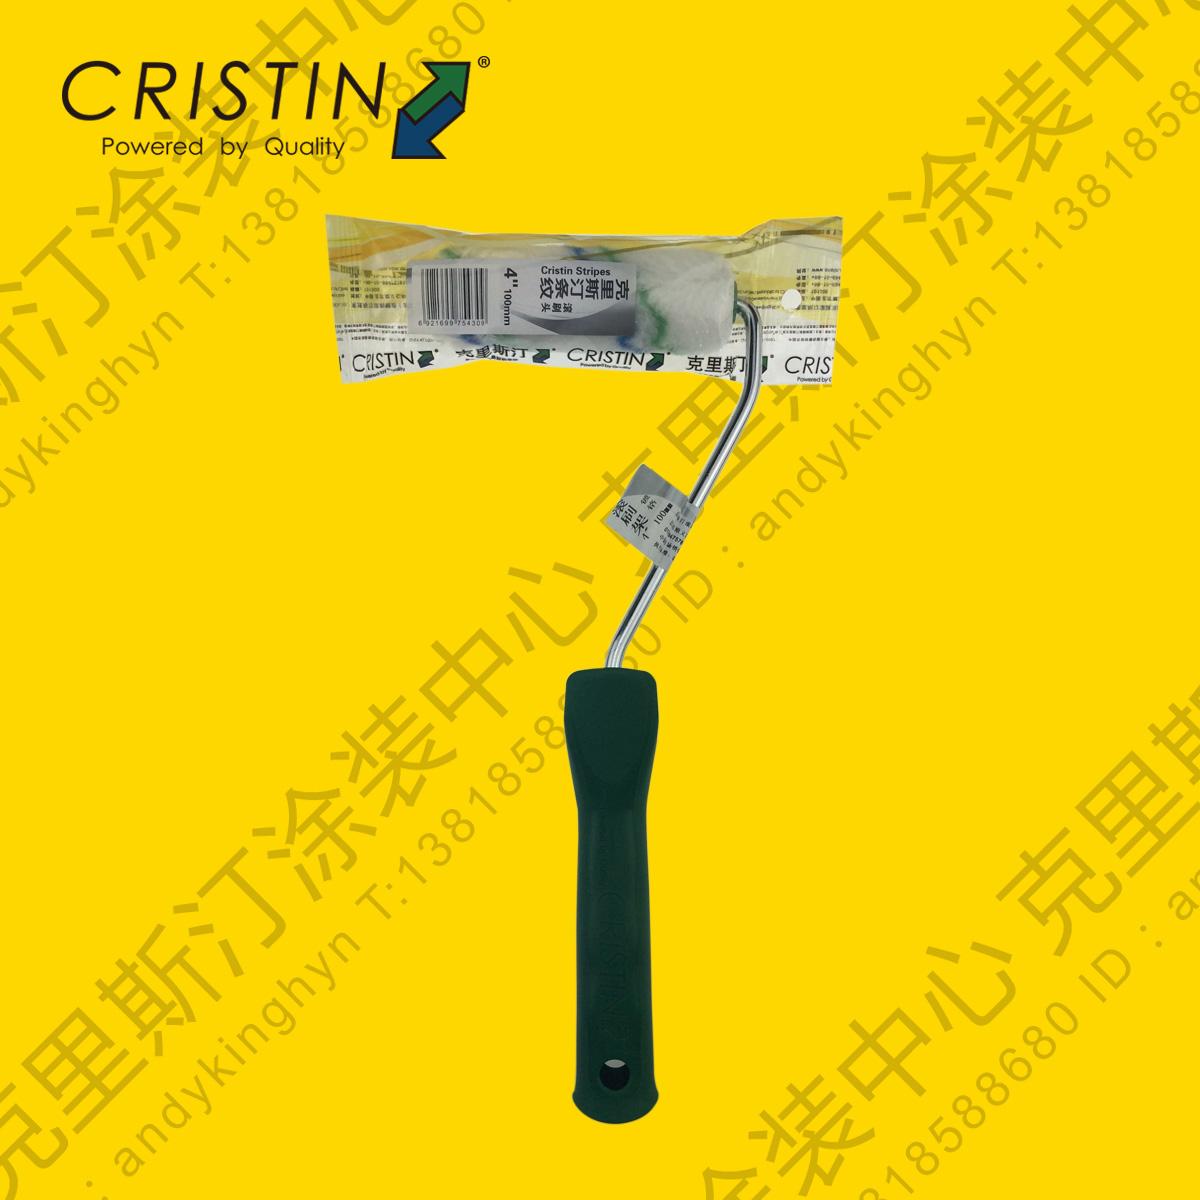 Германия Кристина 4-дюймовый смарт-тип полосатый принт Акриловая краска для роликов с роликами D5430